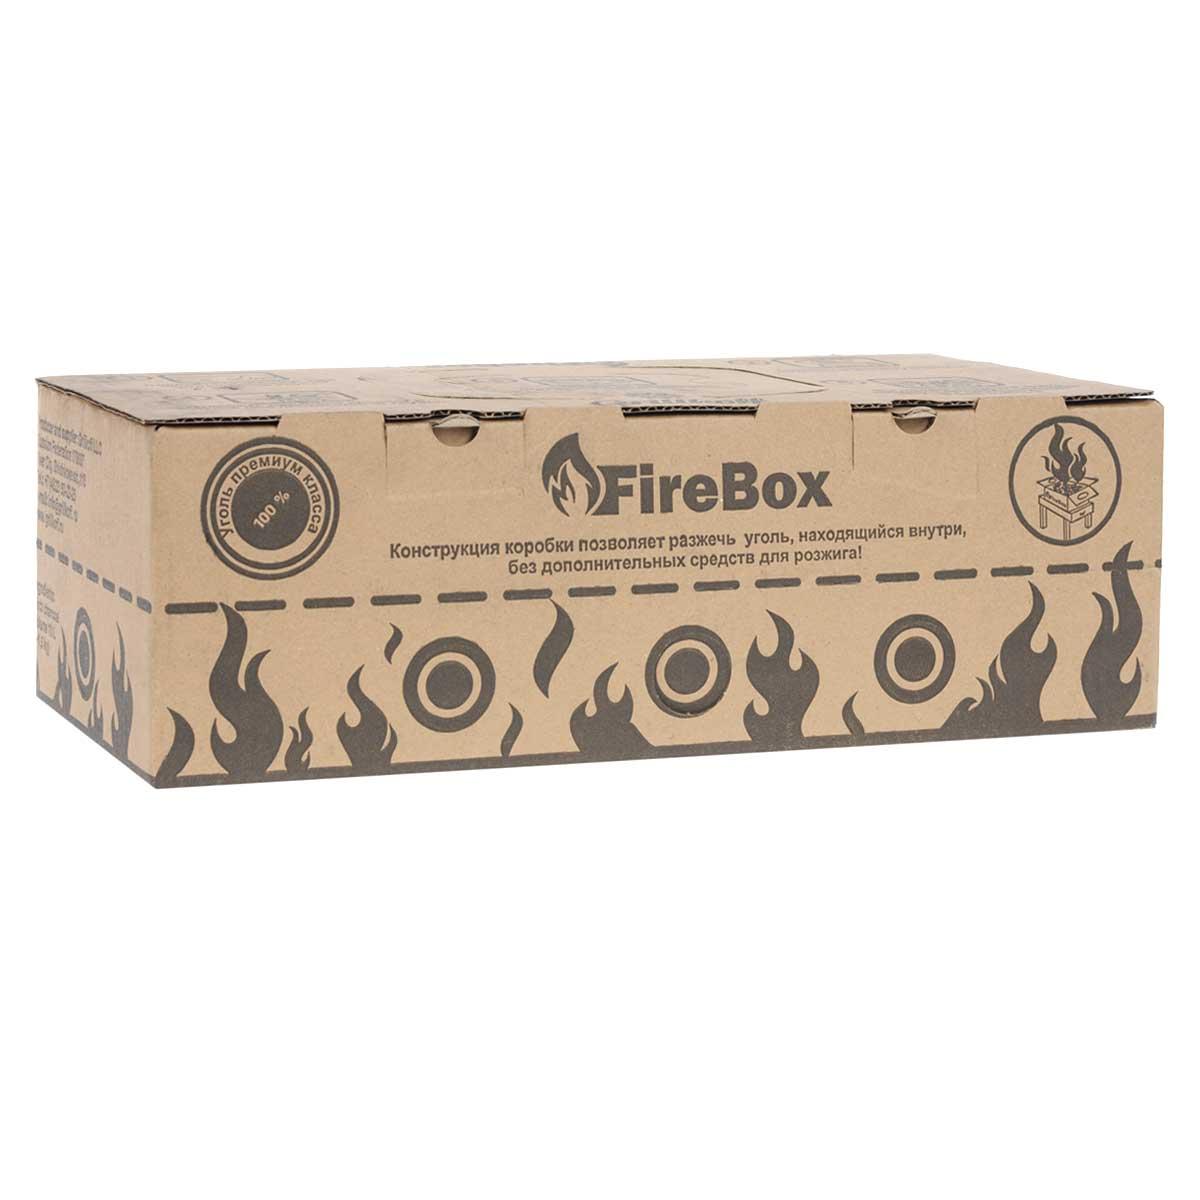 Уголь древесный Грилькофф FireBox, отборный, 1,5 кг174Уголь Грилькофф FireBox изготовлен из абсолютно натуральных материалов, он чрезвычайно легок в использовании, которое не предполагает добавления каких либо химических веществ. Это существенно улучшает вкус приготовляемых с помощью Грилькофф FireBox продуктов. Грилькофф FireBox легок в использовании, и после выполнения нескольких элементарных действий он быстро разгорится без использования дополнительных горючих материалов. Достаточно выполнить 5 последовательных действий, и вы сможете без труда разжечь уголь, не вынимая из коробки! Размер упаковки: 40 см х 13 см х 25 см. Вес упаковки: 1,5 кг (10 л).